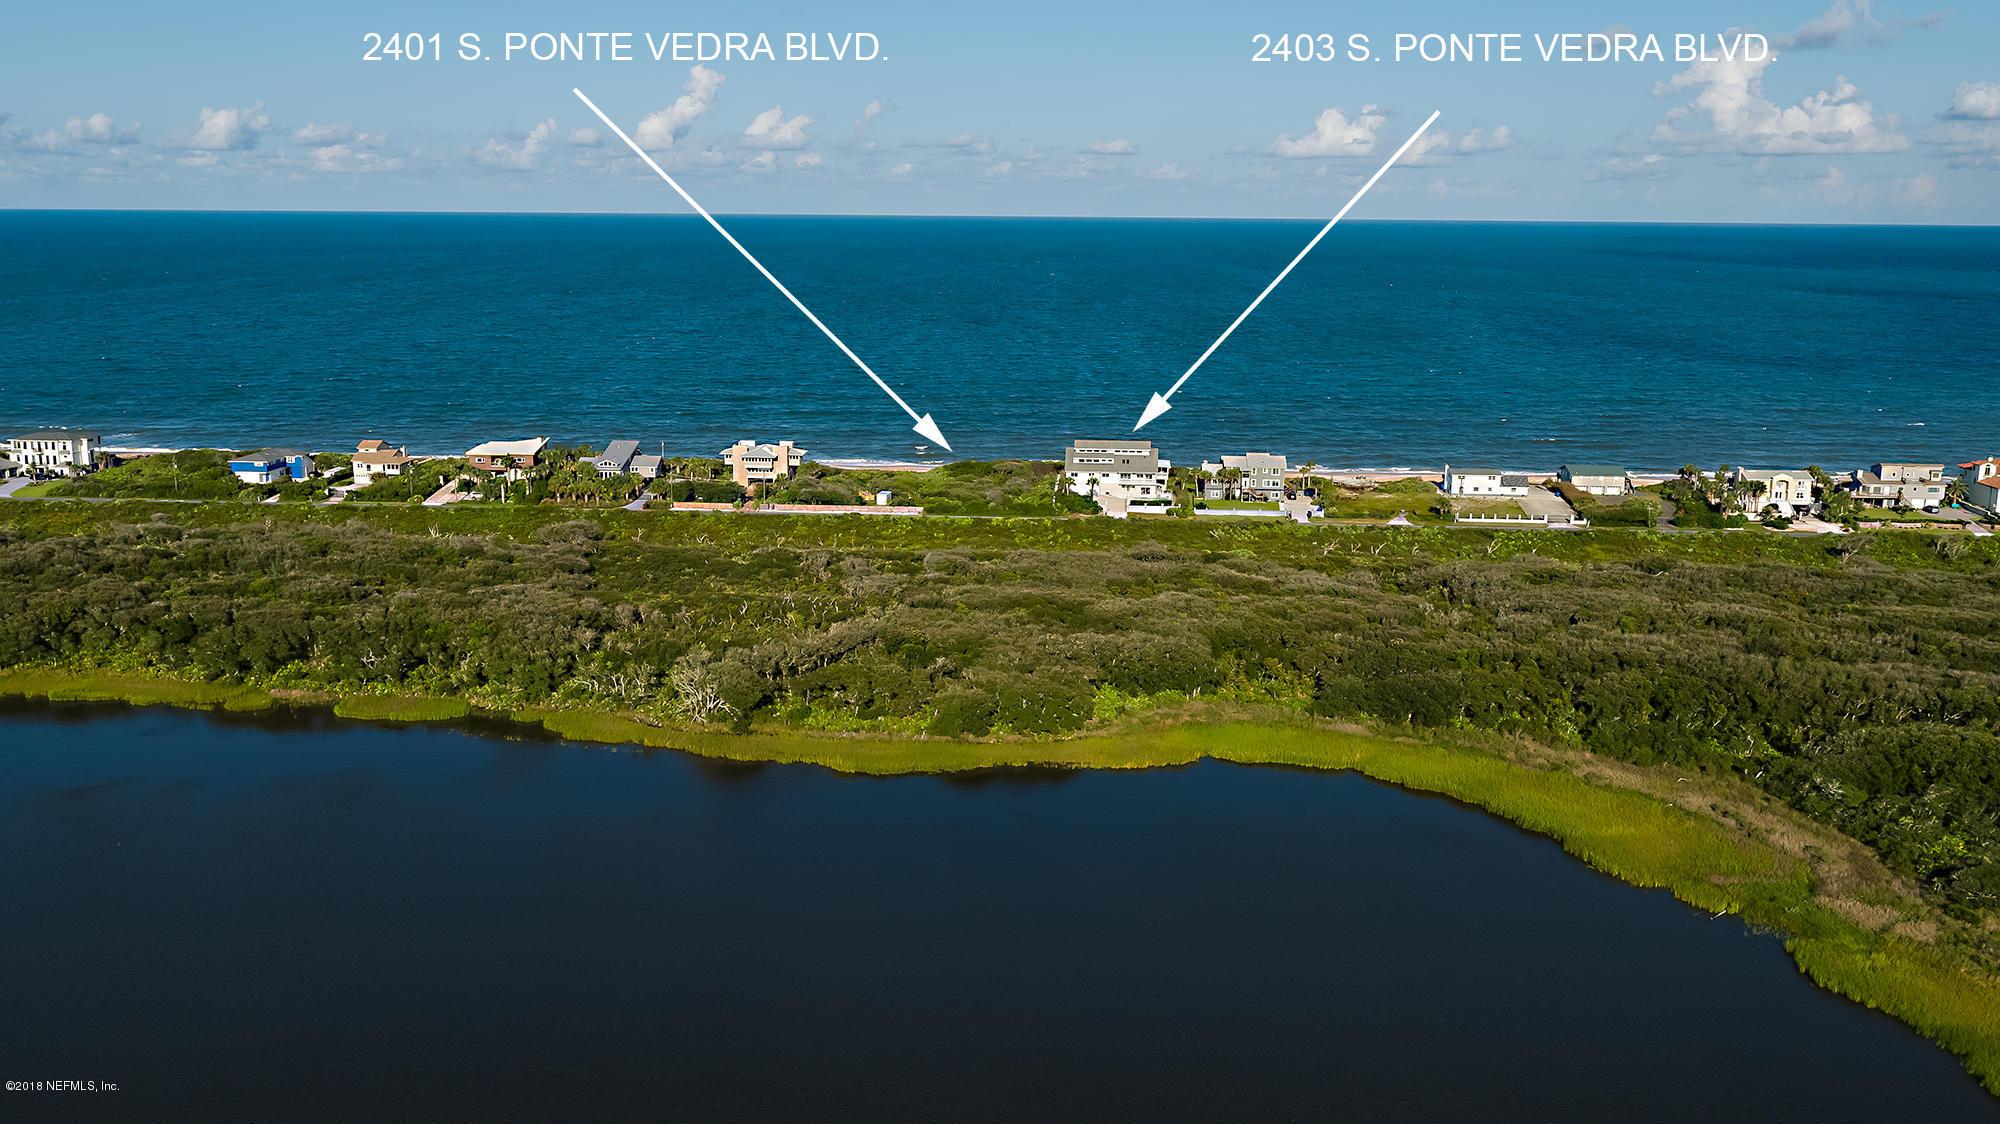 2401&2403 PONTE VEDRA BLVD PONTE VEDRA BEACH - 2